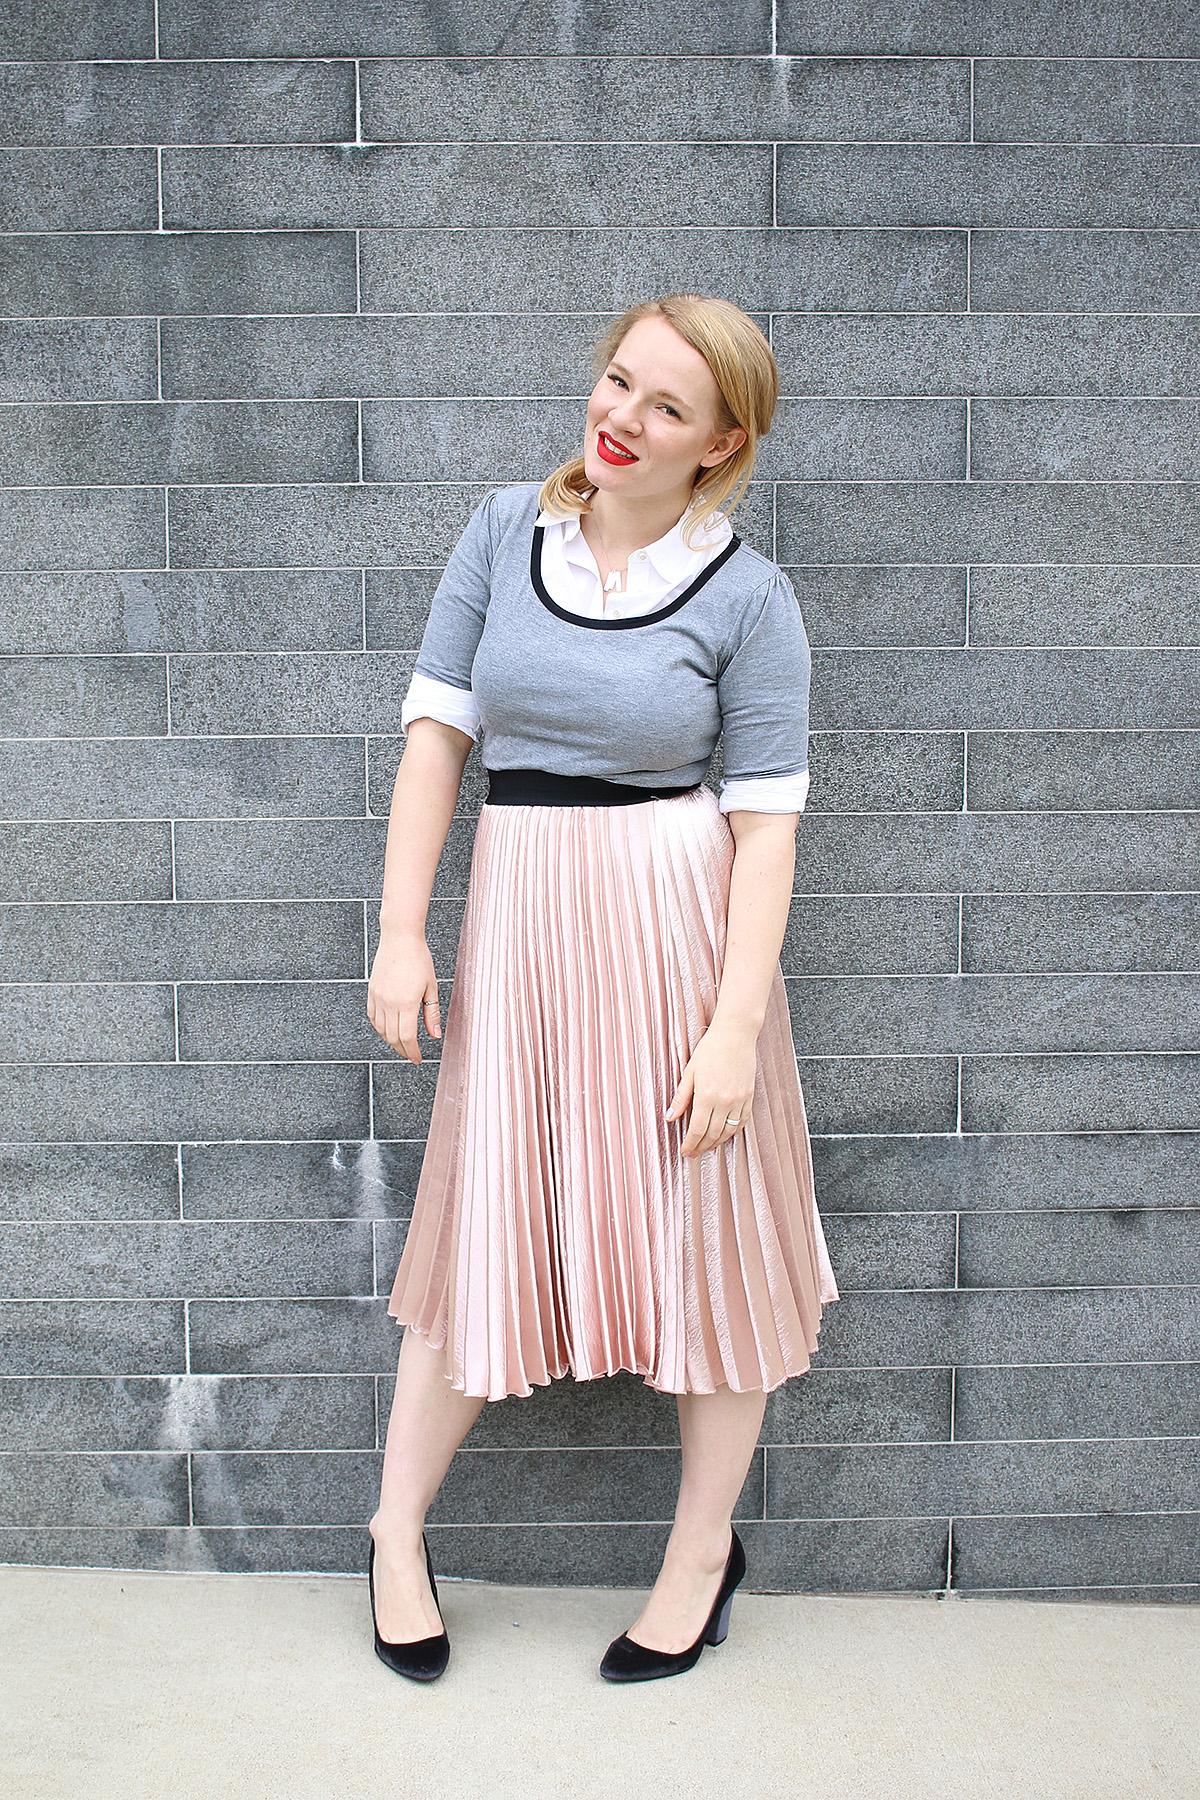 5 Ways To Style the LuLaRoe Nicole Dress!